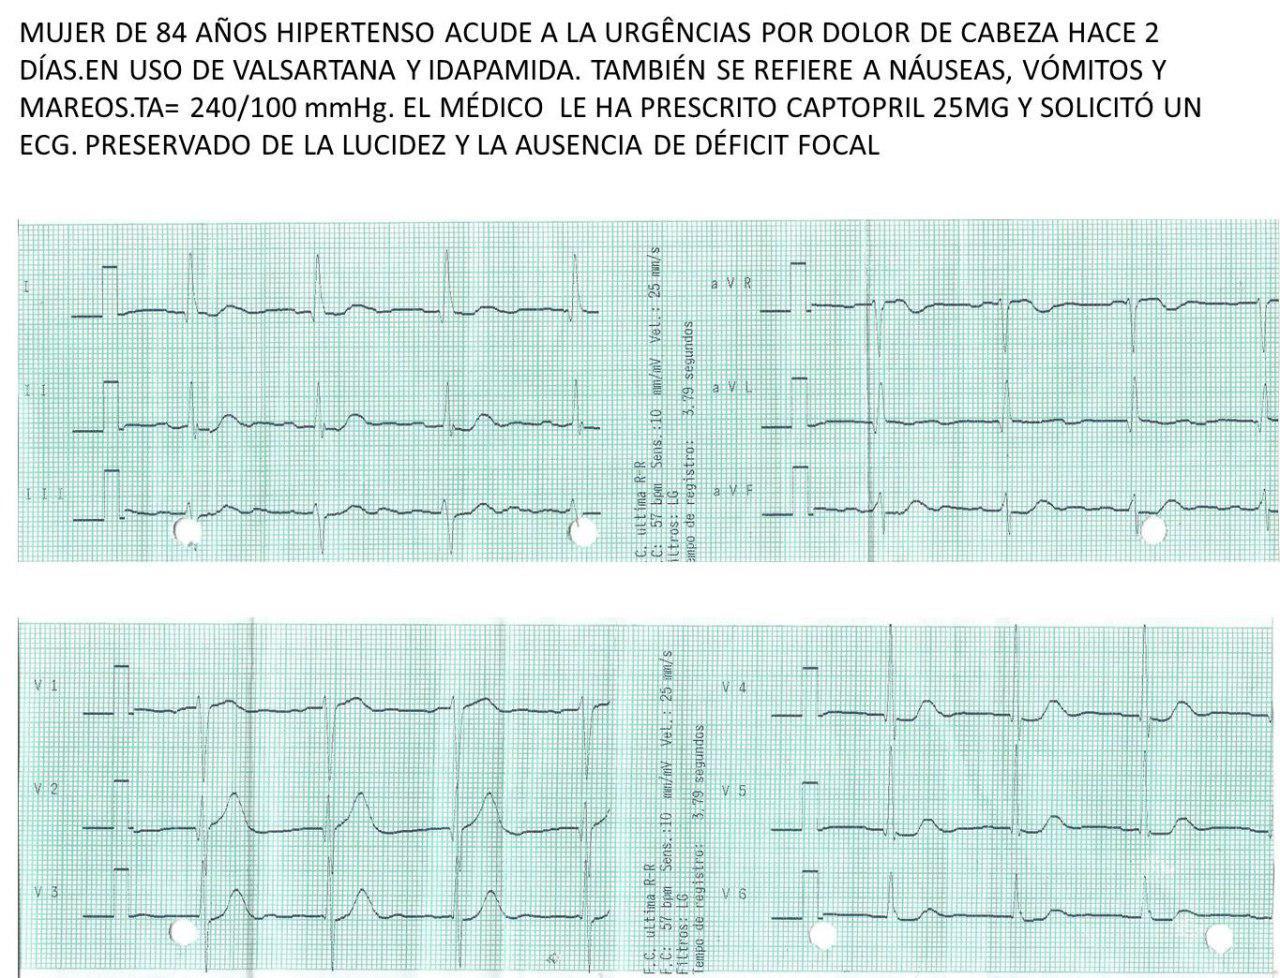 Mujer de 84 años, hipertensa con intensa cefalea náuseas y vómitos que presenta CCG normal, cuadro que es interpretado como miocardiopatía de TakoTsubo